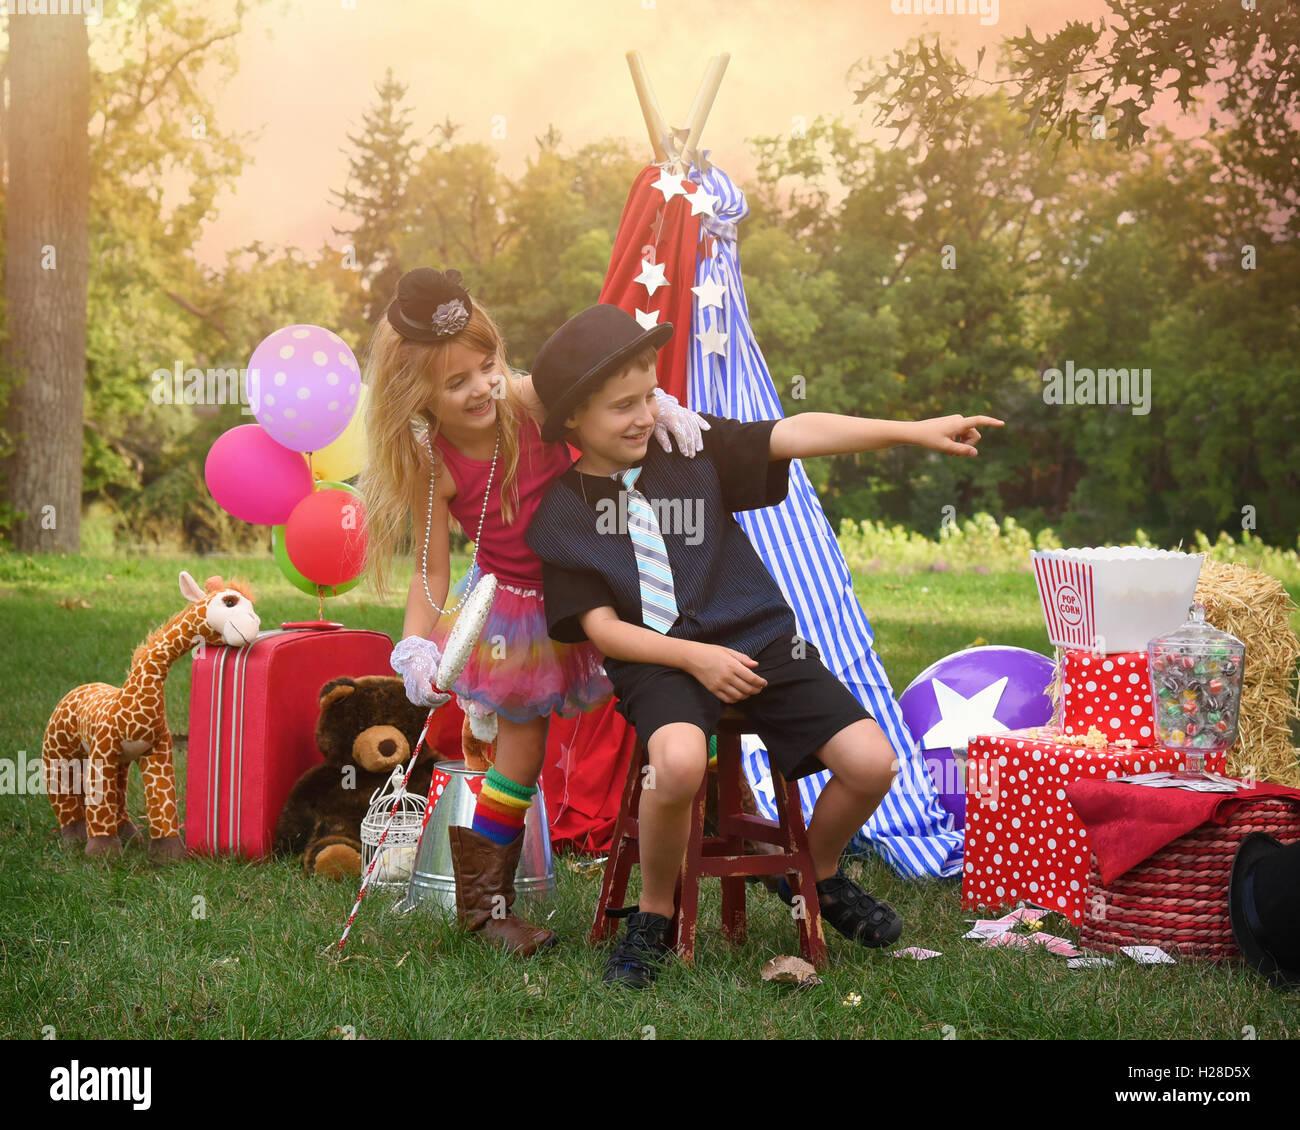 Deux enfants jouent à l'extérieur en s'habillant comme carnival personnes lors d'une partie du cirque pour une imagination ou creativity concept Banque D'Images